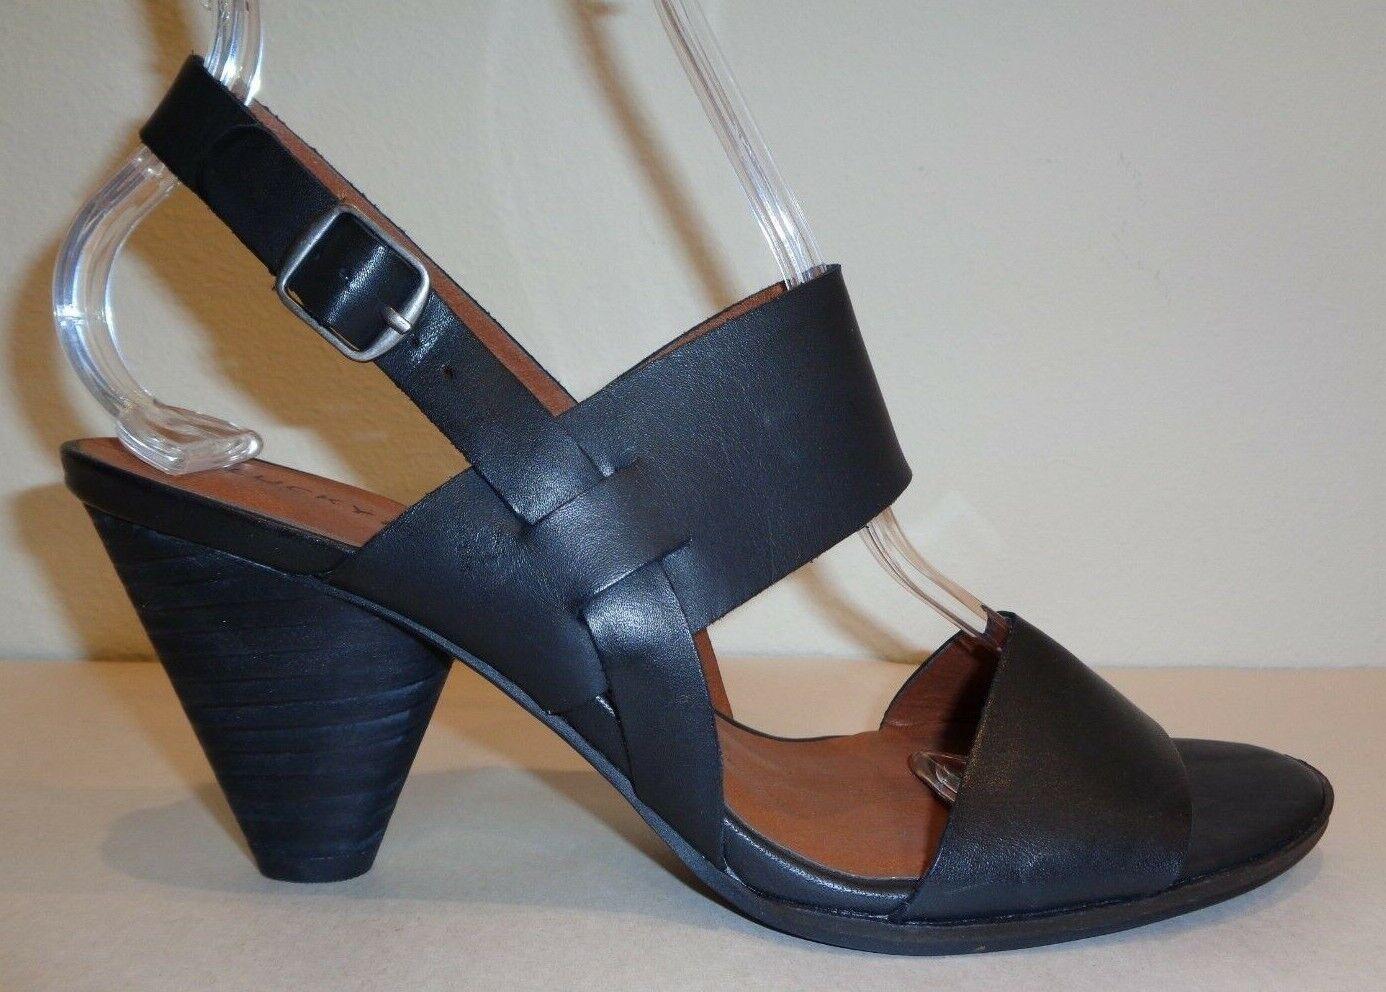 Lucky Brand M veneesha vestido de cuero negro Tacones Sandalias nuevo Zapatos para mujer